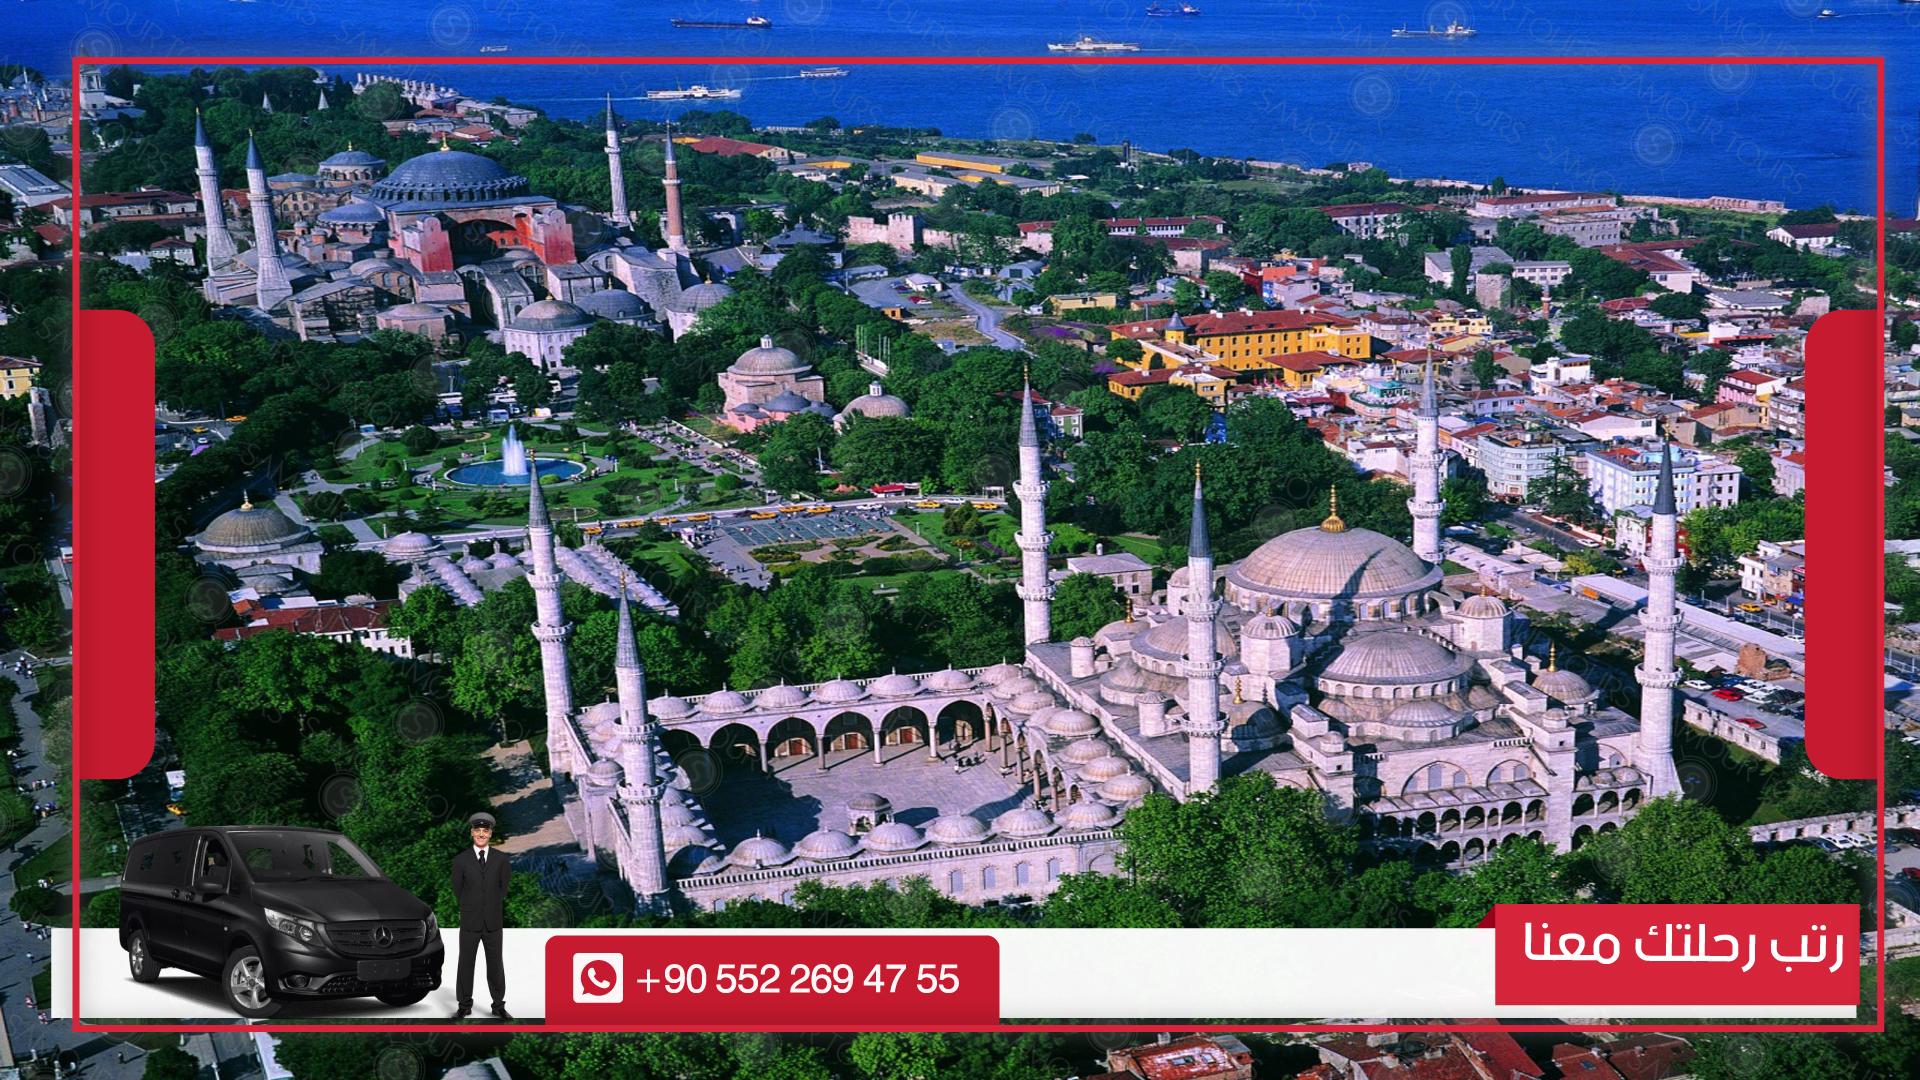 جولة منطقة السلطان أحمد